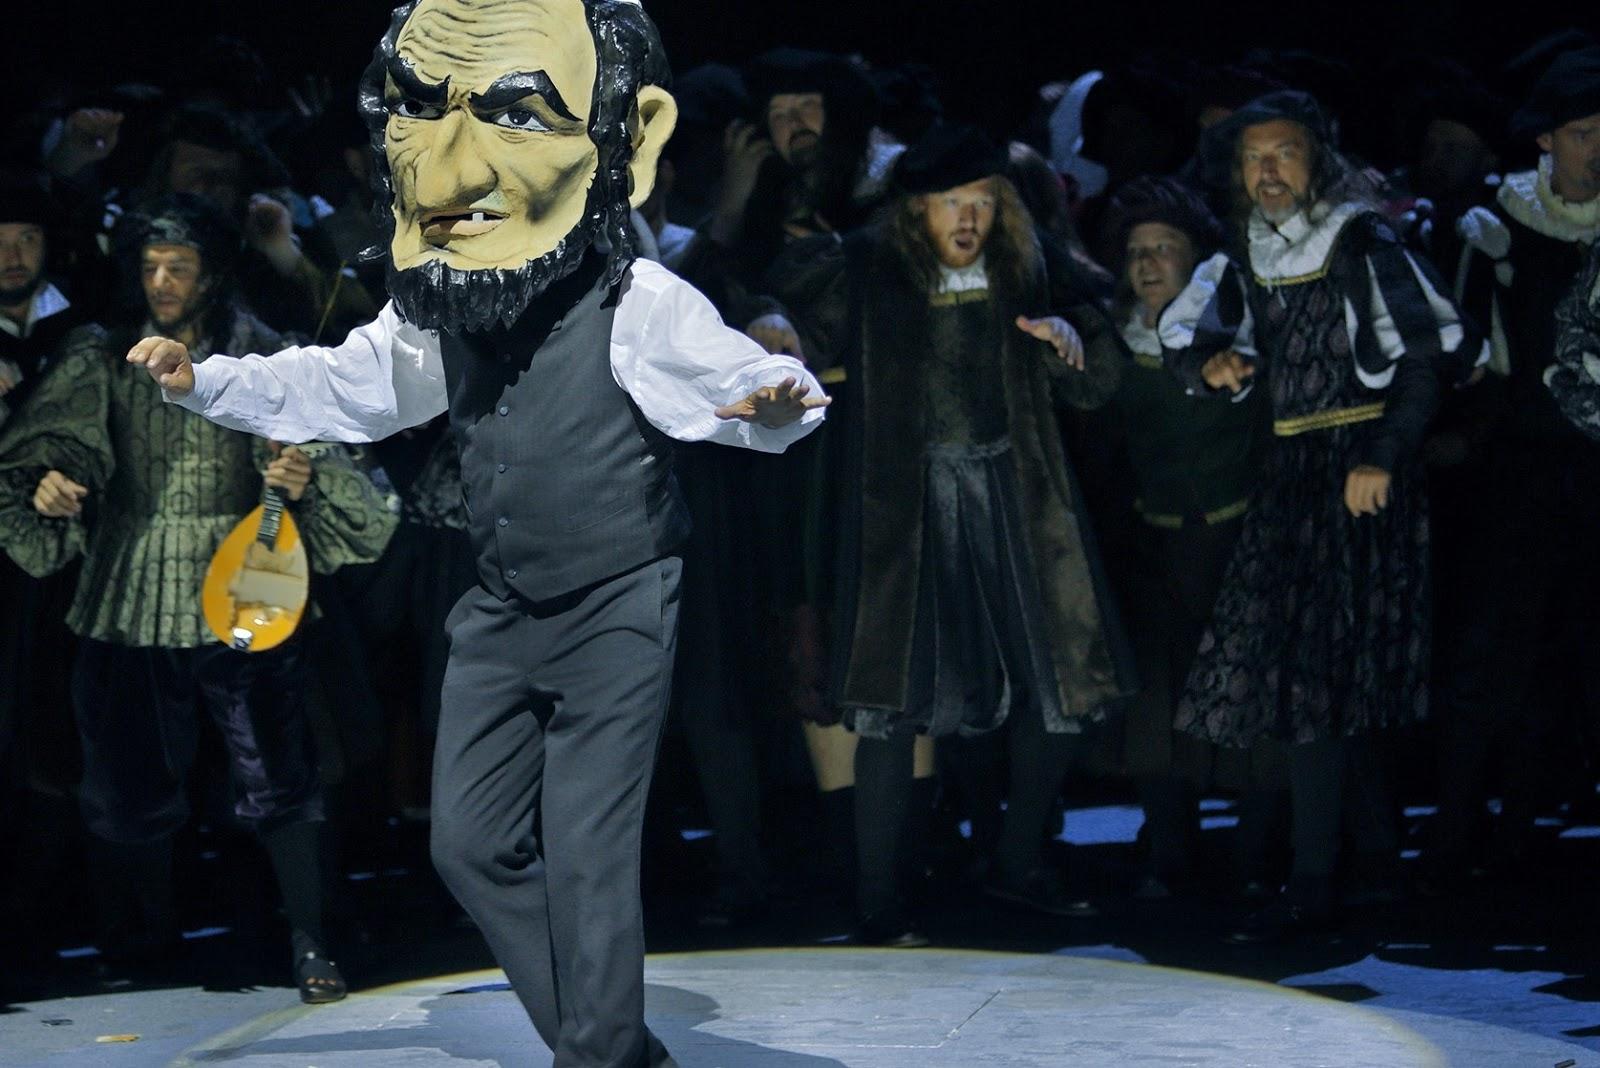 Johannes Martin Kränzle, Beckmesser © Bayreuther Festspiele / Enrico Nawrath